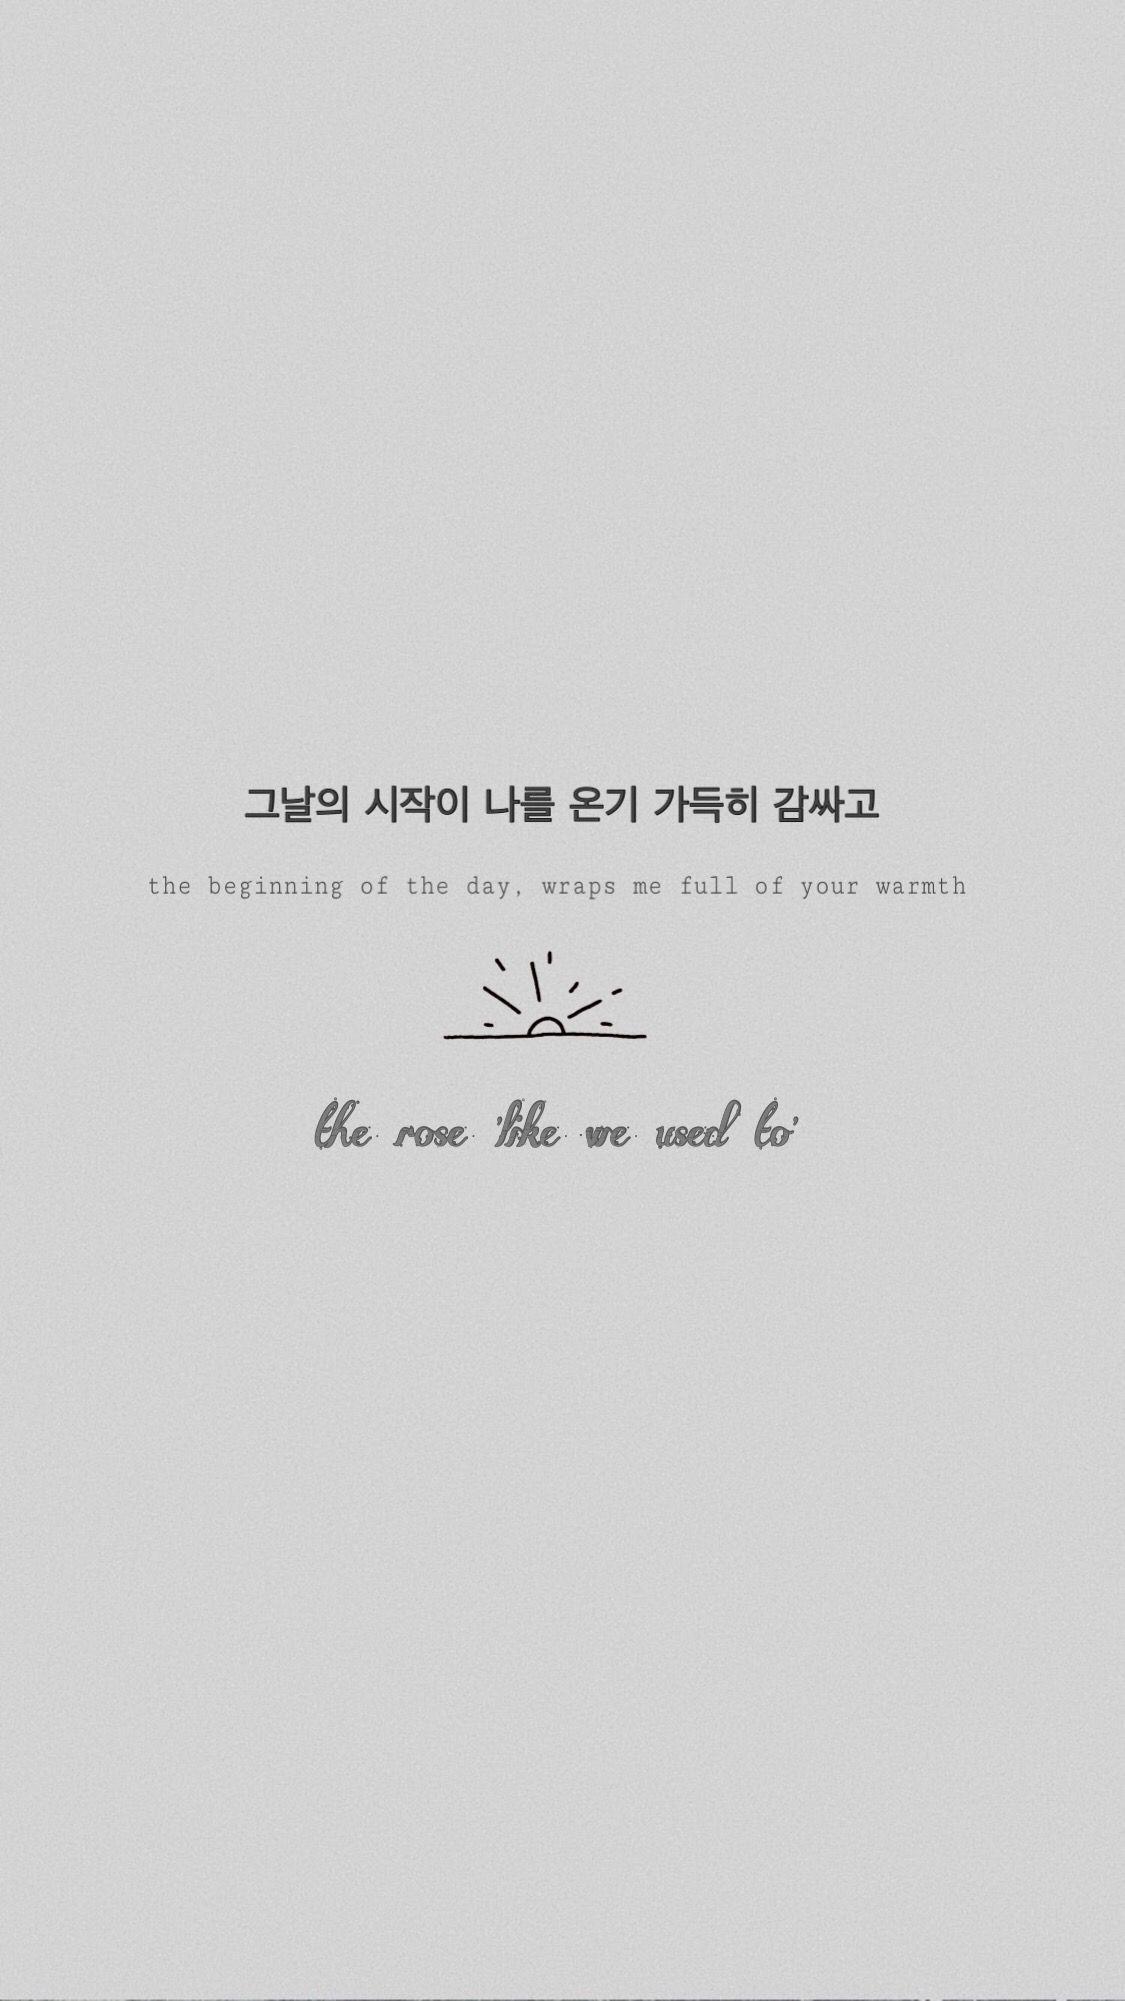 63 Aesthetic Korean Quotes Wallpaper Kata Kata Indah Kata Kata Kata Kata Motivasi